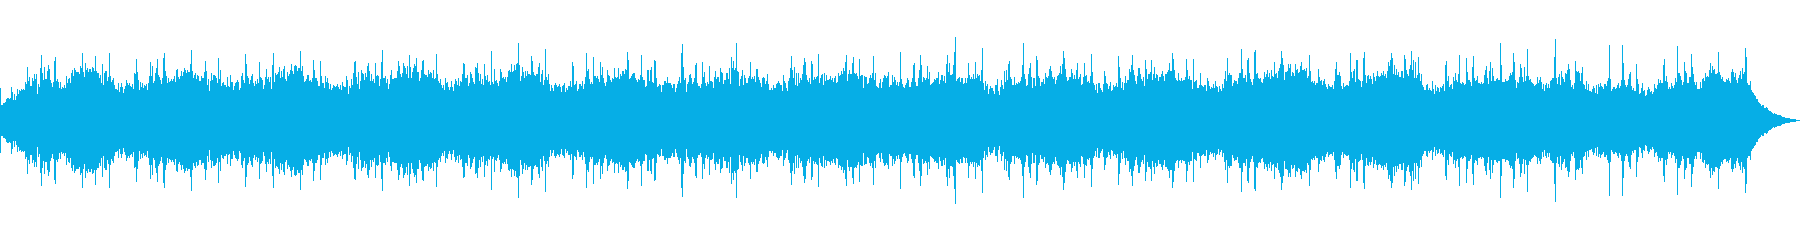 テーマ「新しい旅立ち」30秒BGMの再生済みの波形